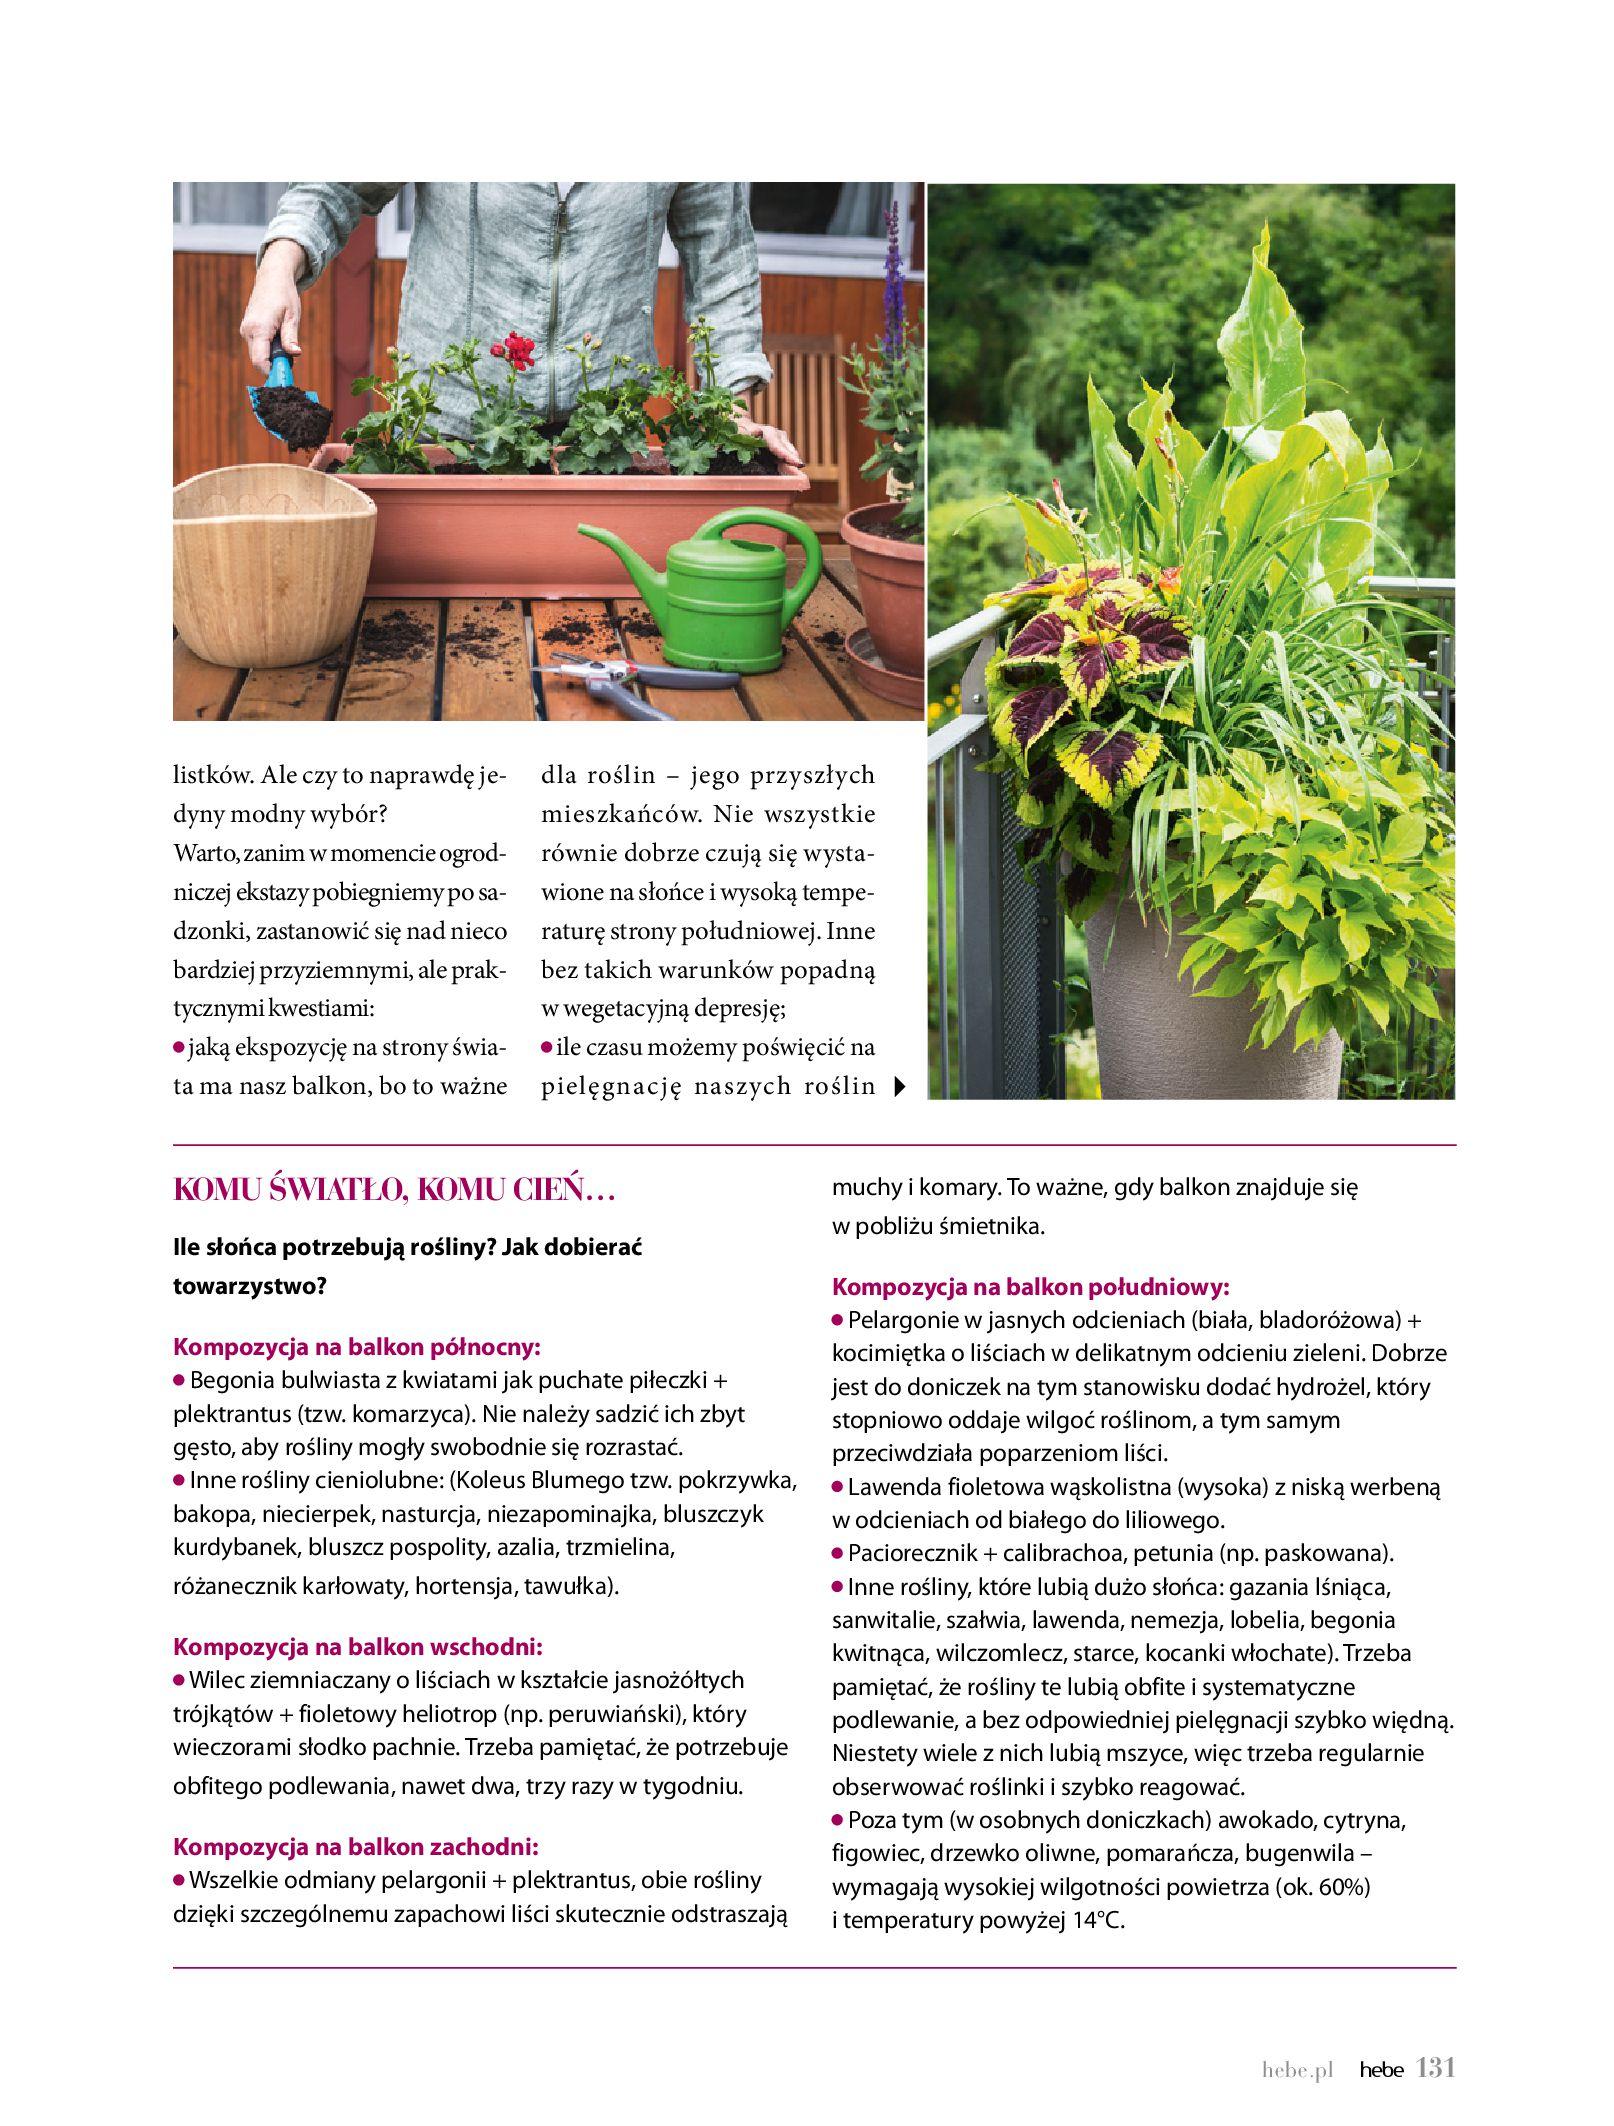 Gazetka hebe: Gazetka Hebe - Magazyn  2021-05-01 page-131